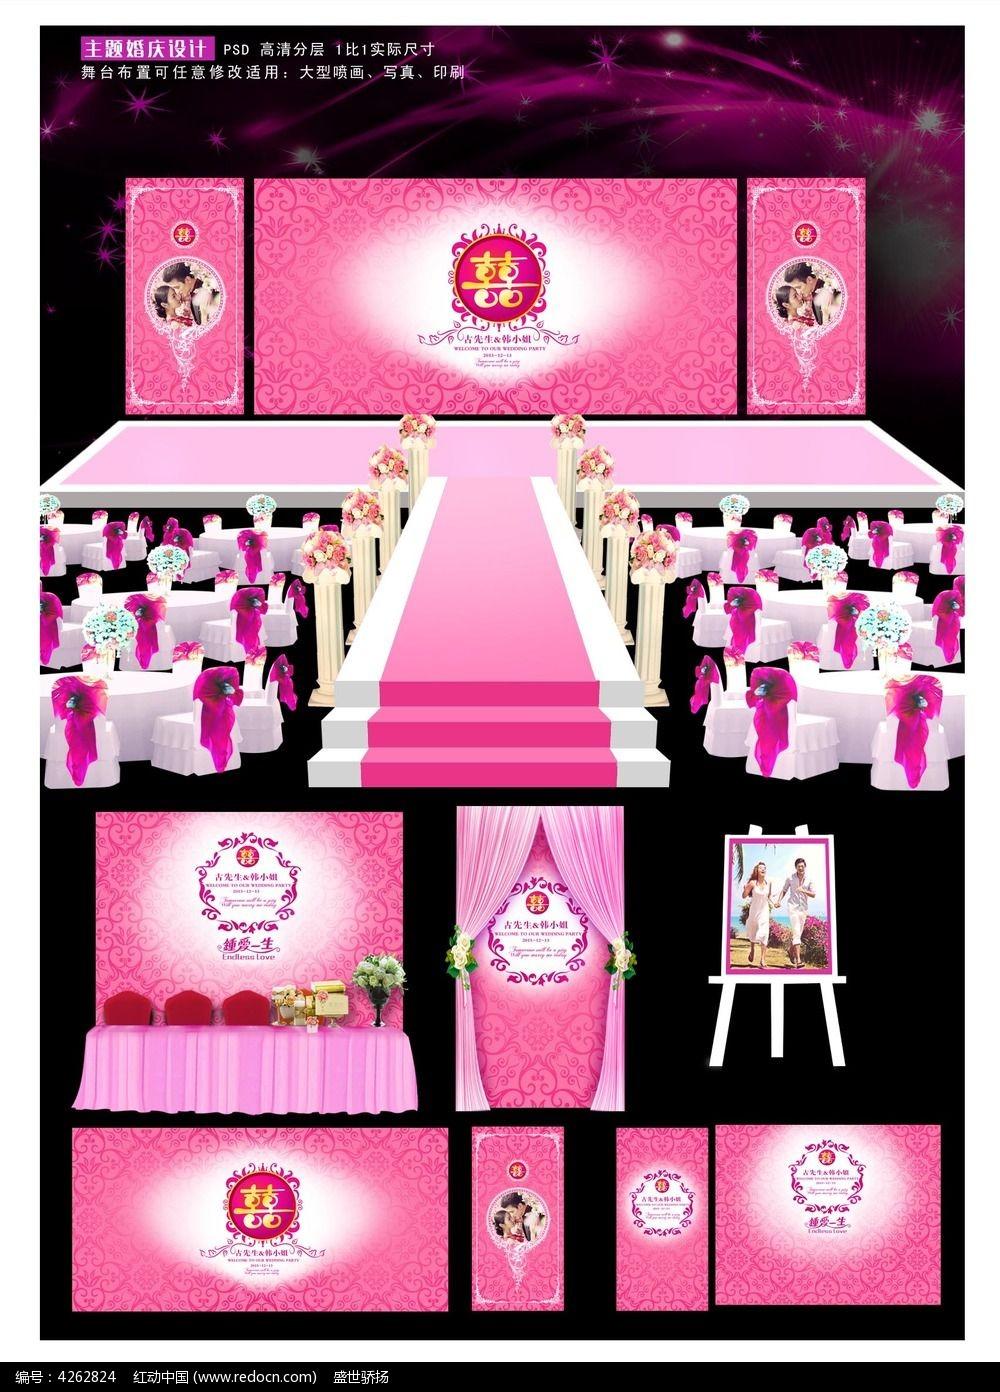 桁架舞台背景设计图展示图片